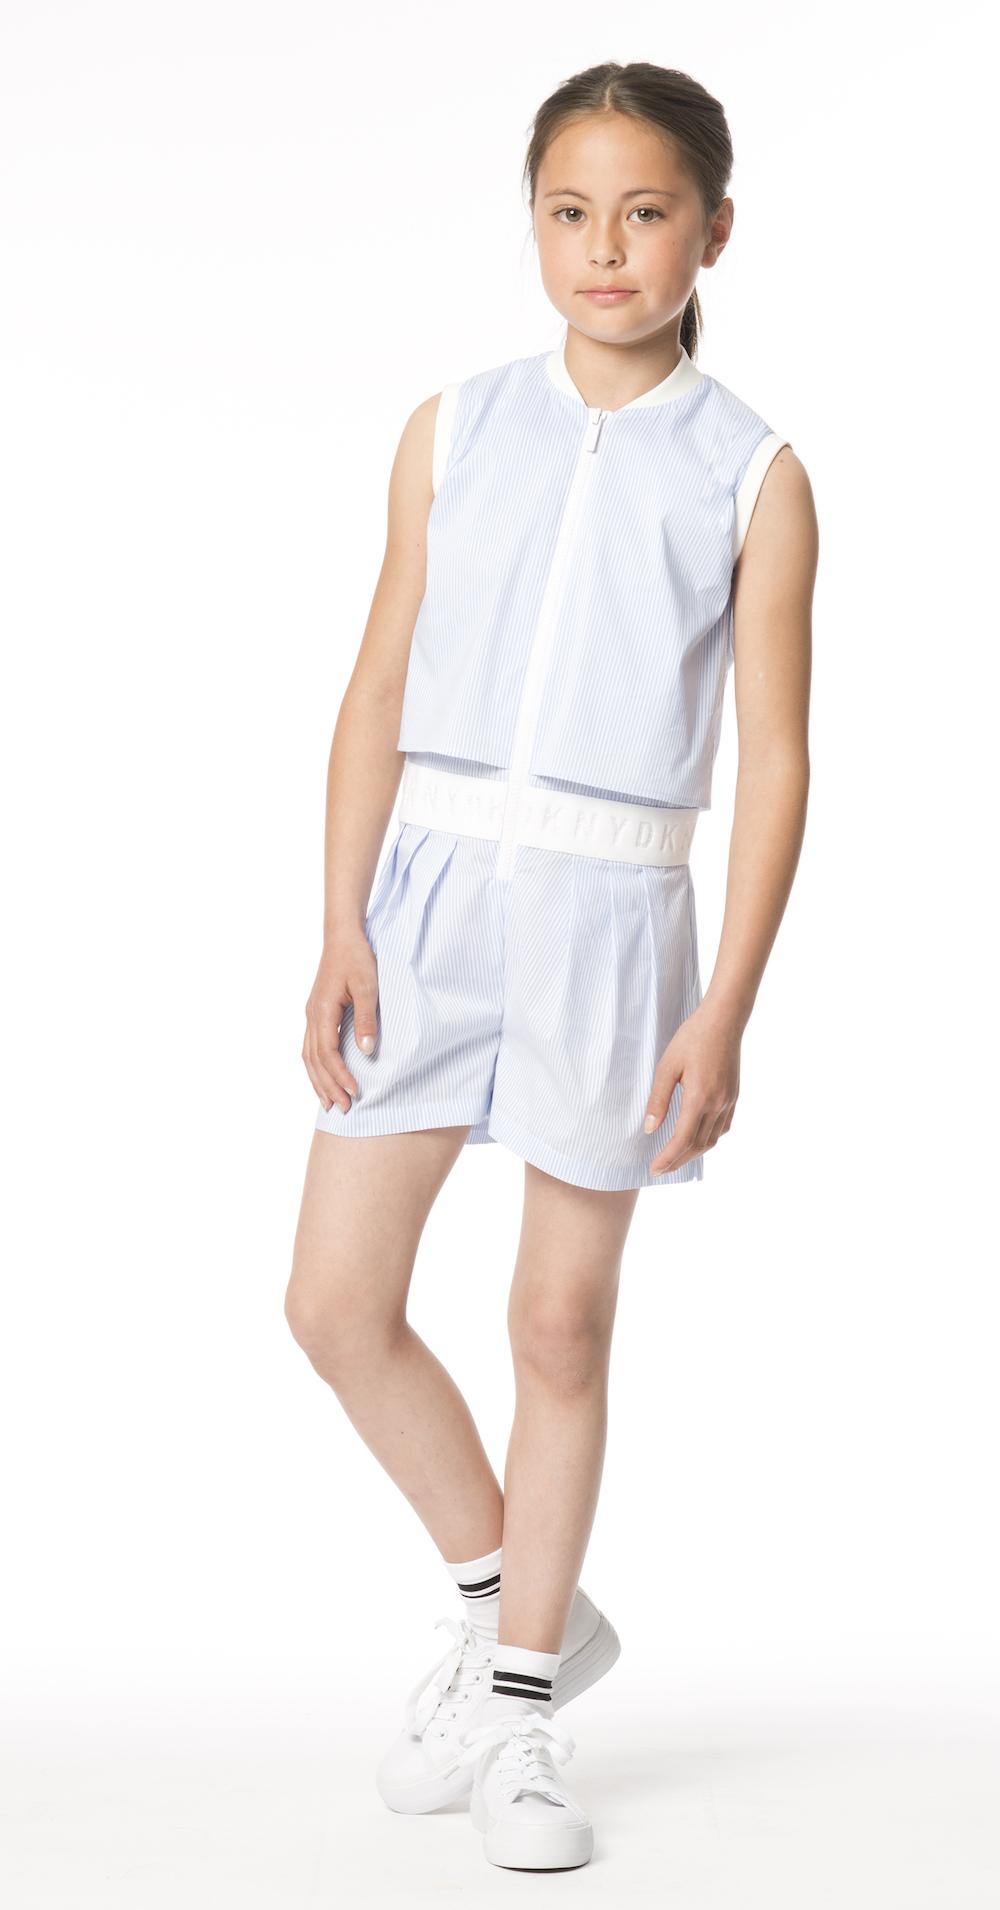 DKNY SS18 lookbook de moda infantil, campaña de verano